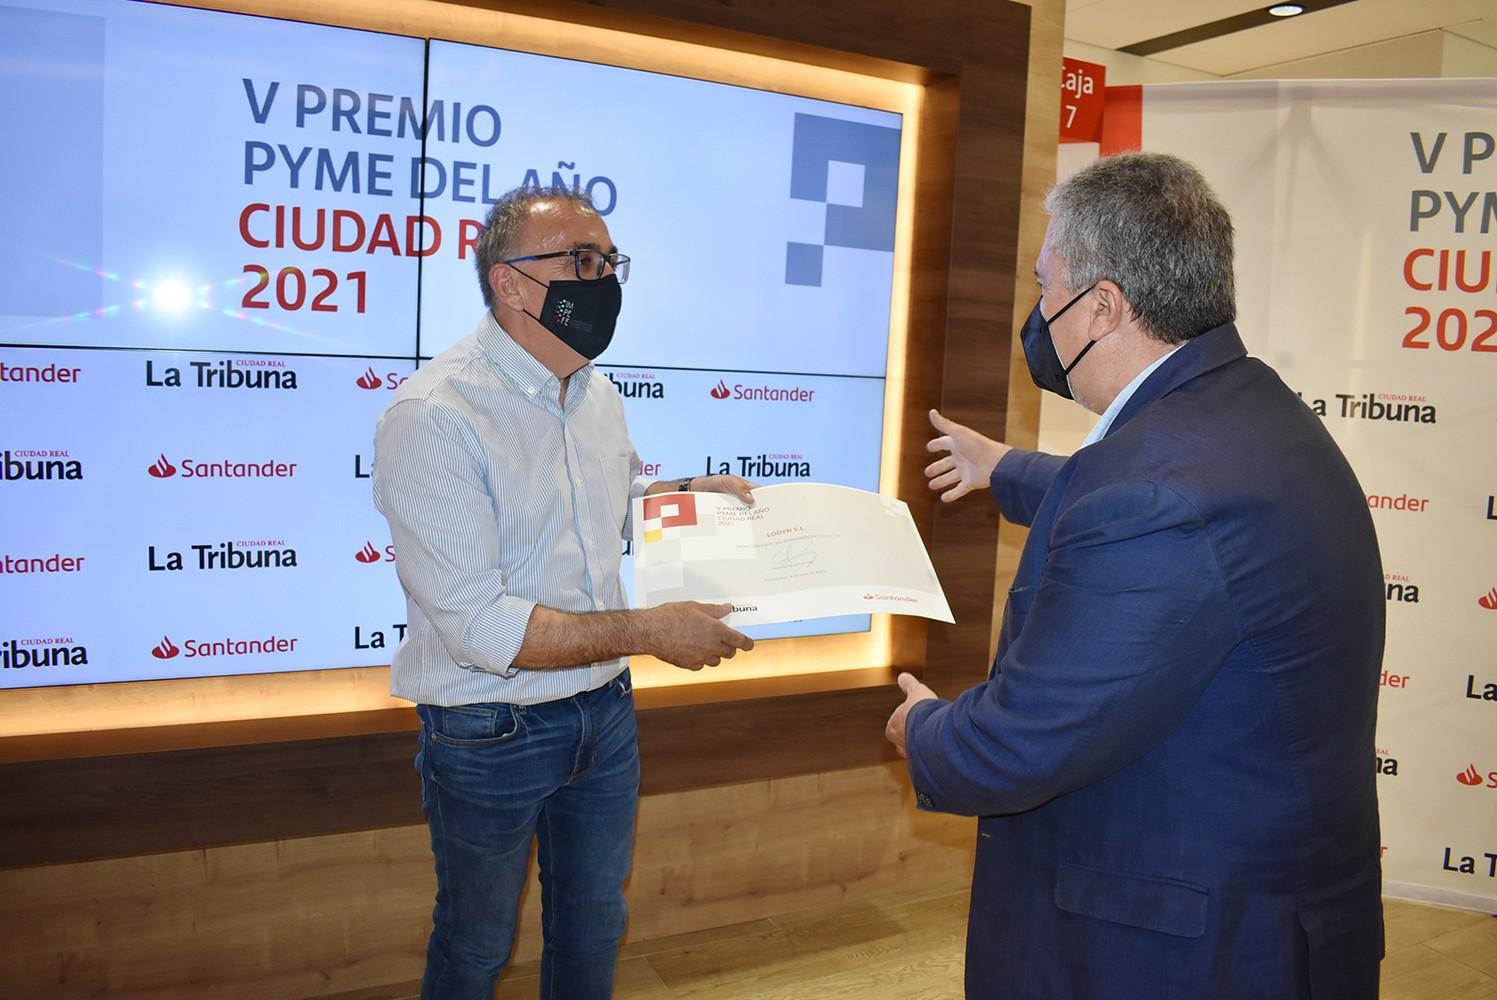 V Premio Pyme del año Ciudad Real 2021